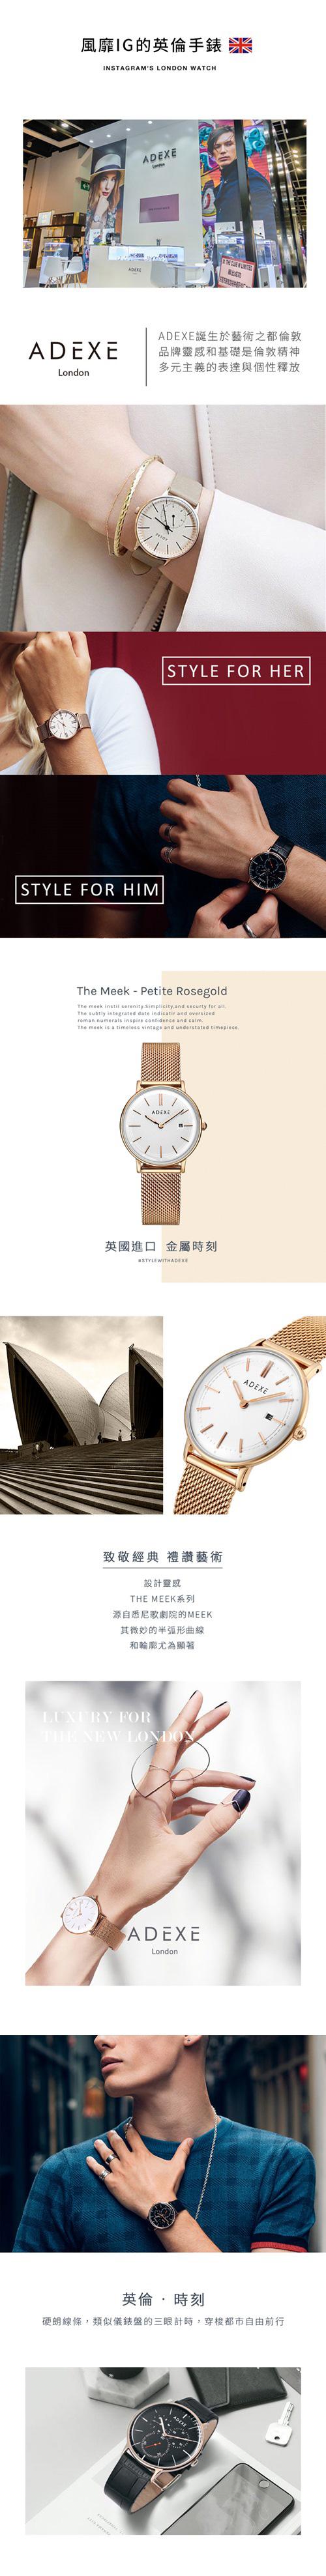 (複製)ADEXE|英國時尚手錶 THEY三眼系列 黑錶盤x銀錶框棕色皮革錶帶41mm 1868H-04